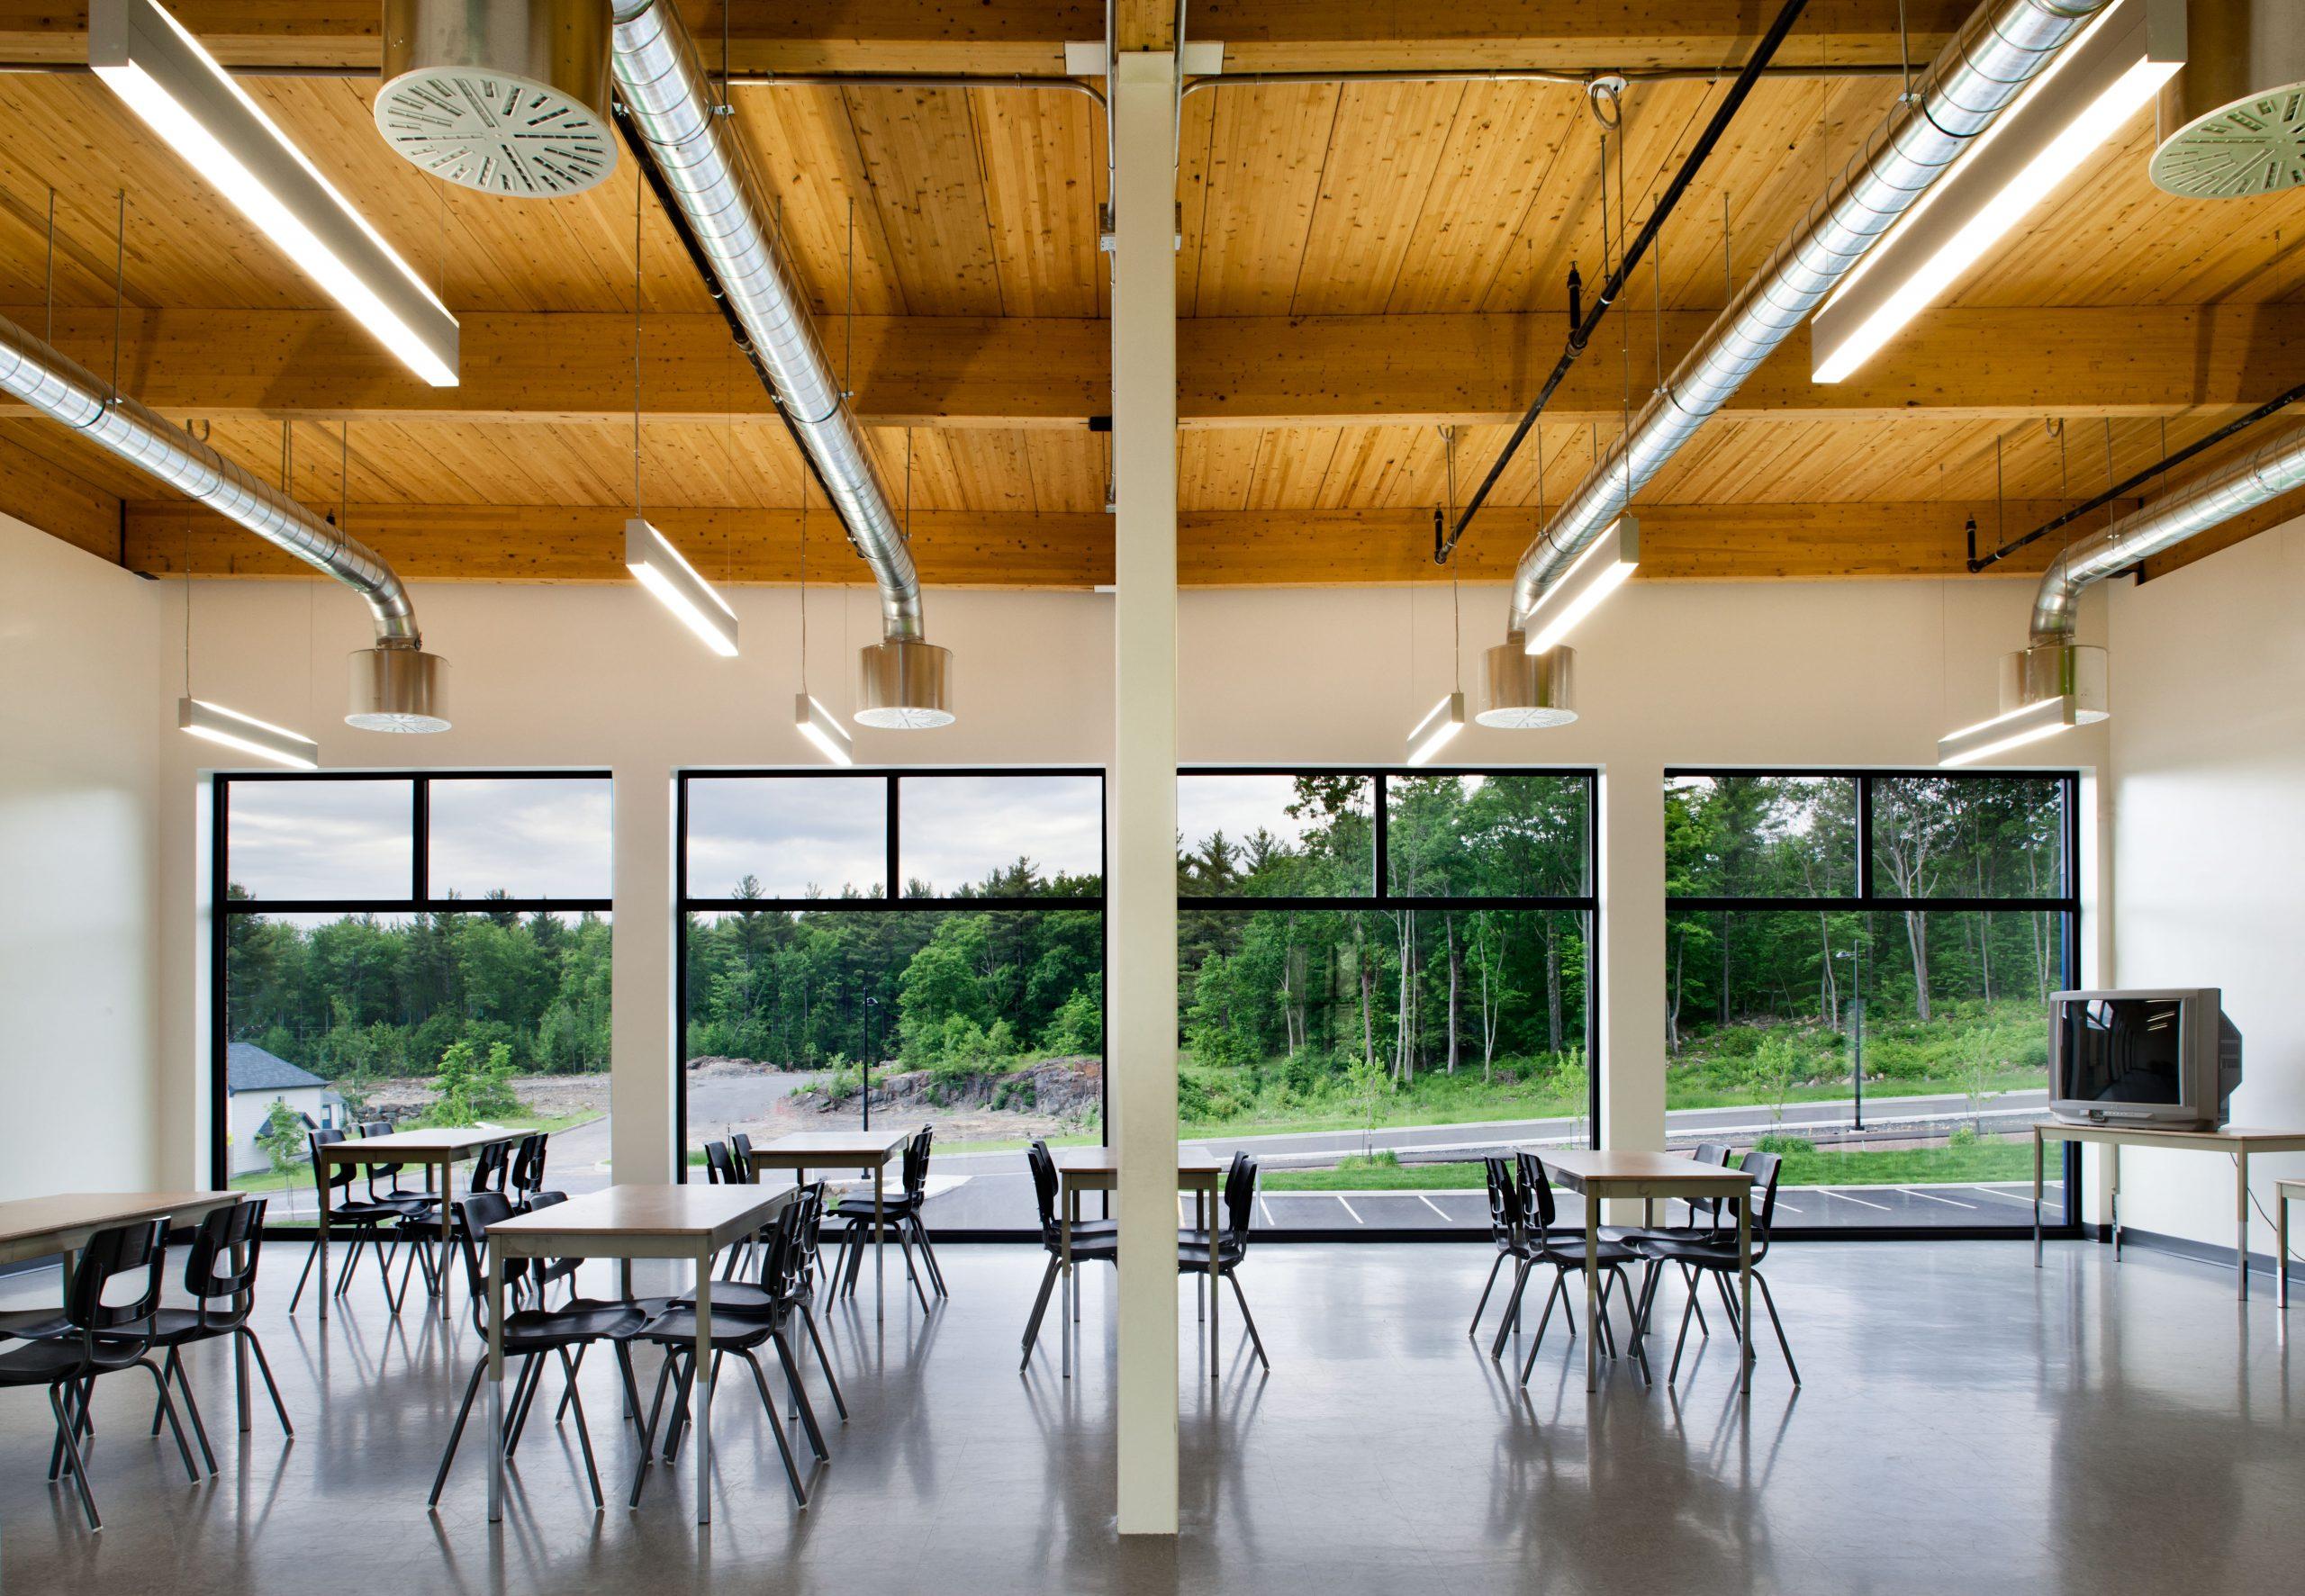 École primaire Sans-Frontières Cecobois 2